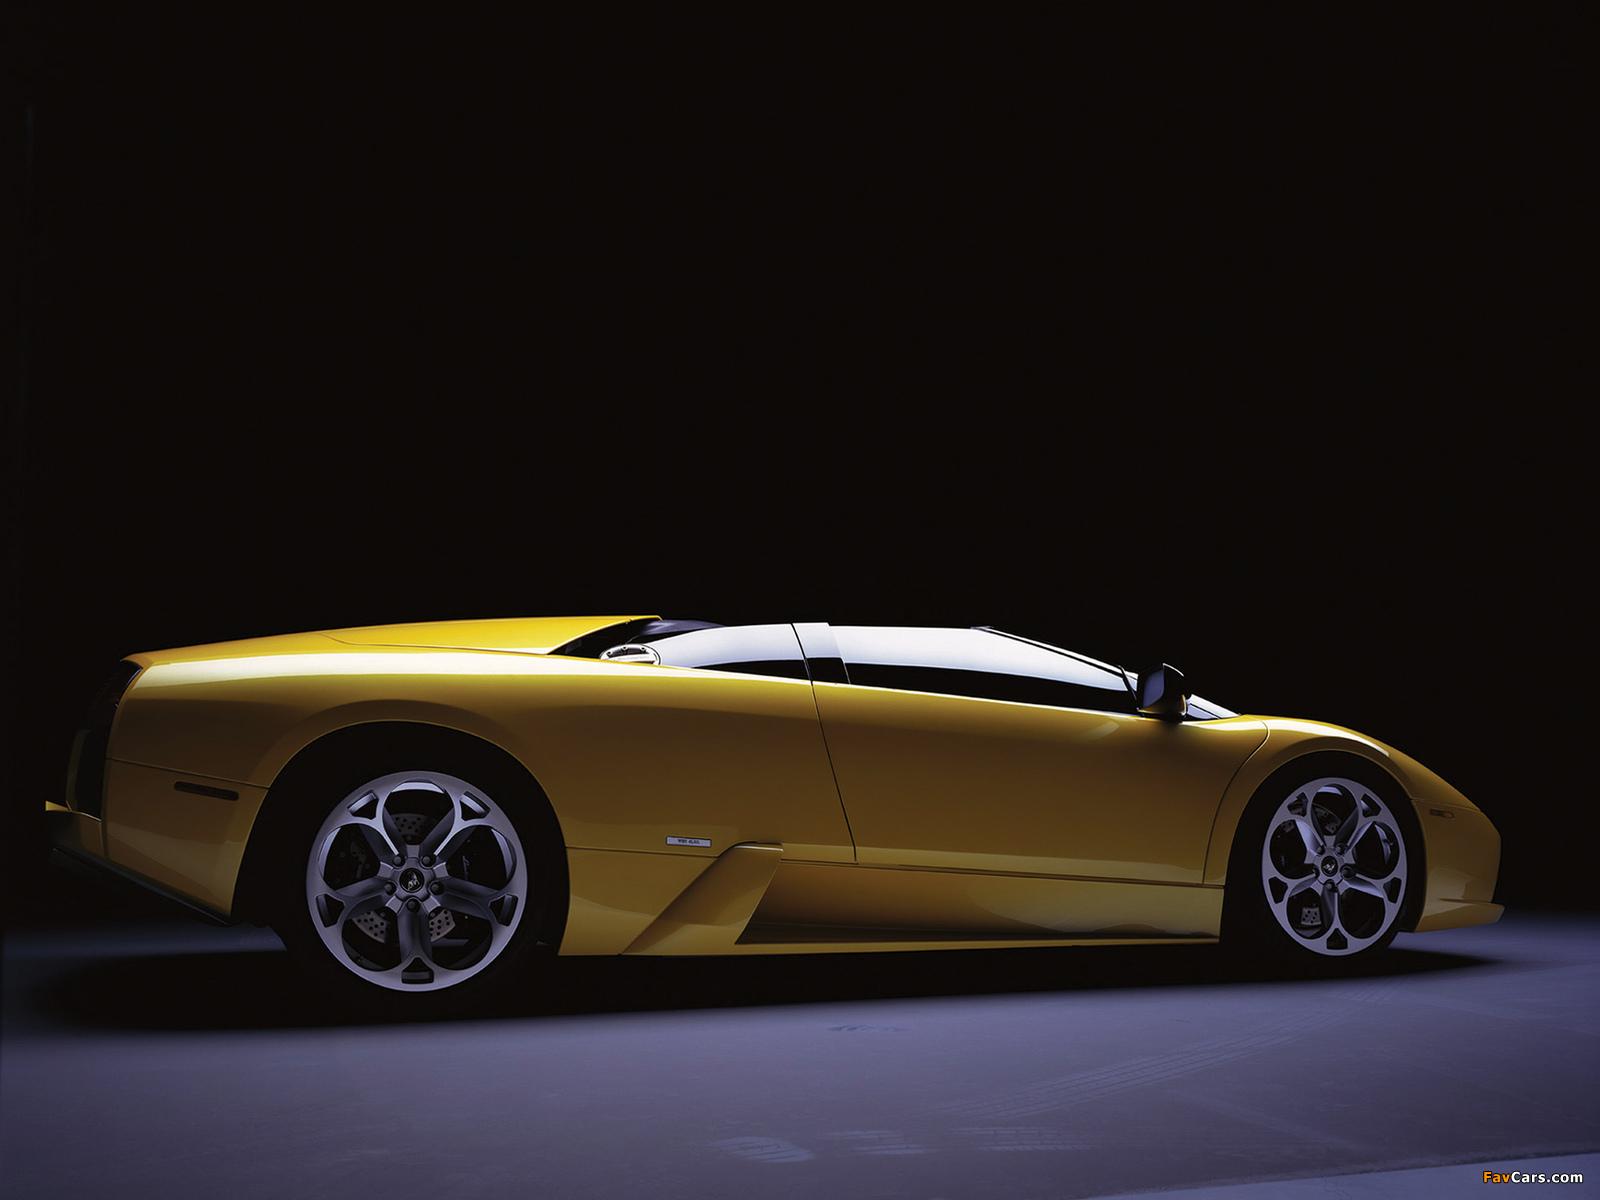 Lamborghini Murcielago Barchetta Concept 2002 pictures (1600 x 1200)